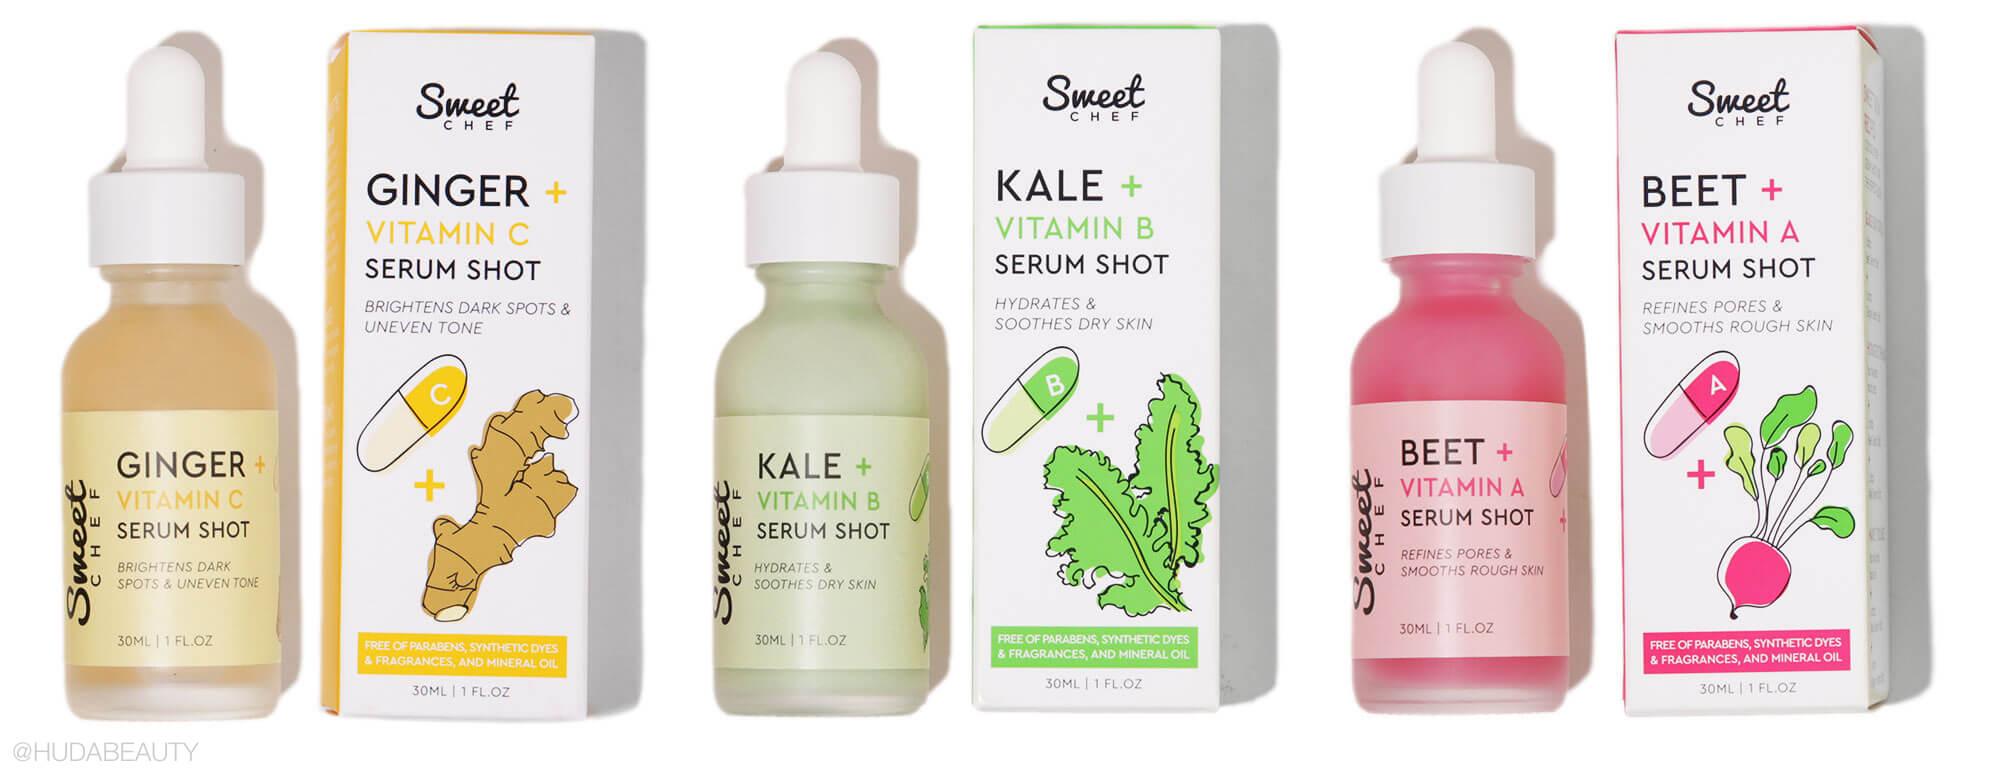 serum shots